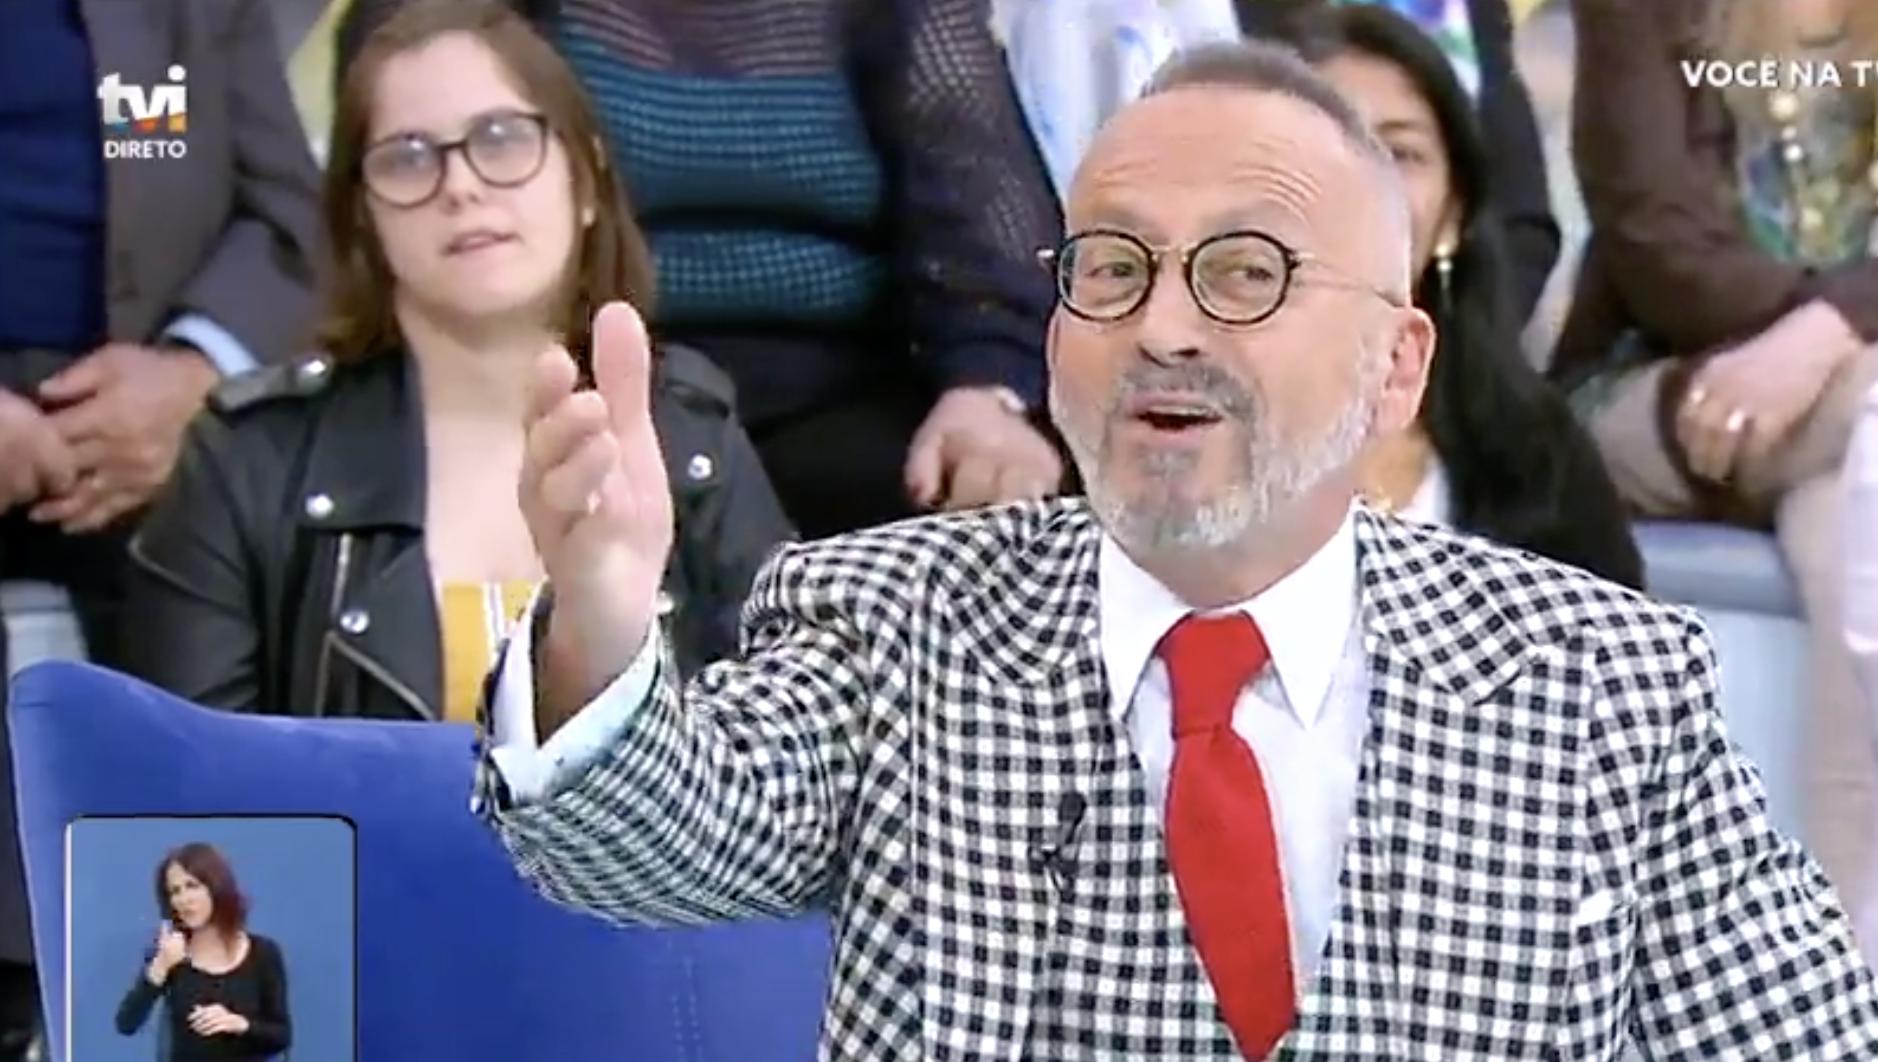 Manuel Luis Goucha Voce Na Tv Colinho Manuel Luís Goucha: «Essa Conversa Do Colinho Já Não Se Aguenta»